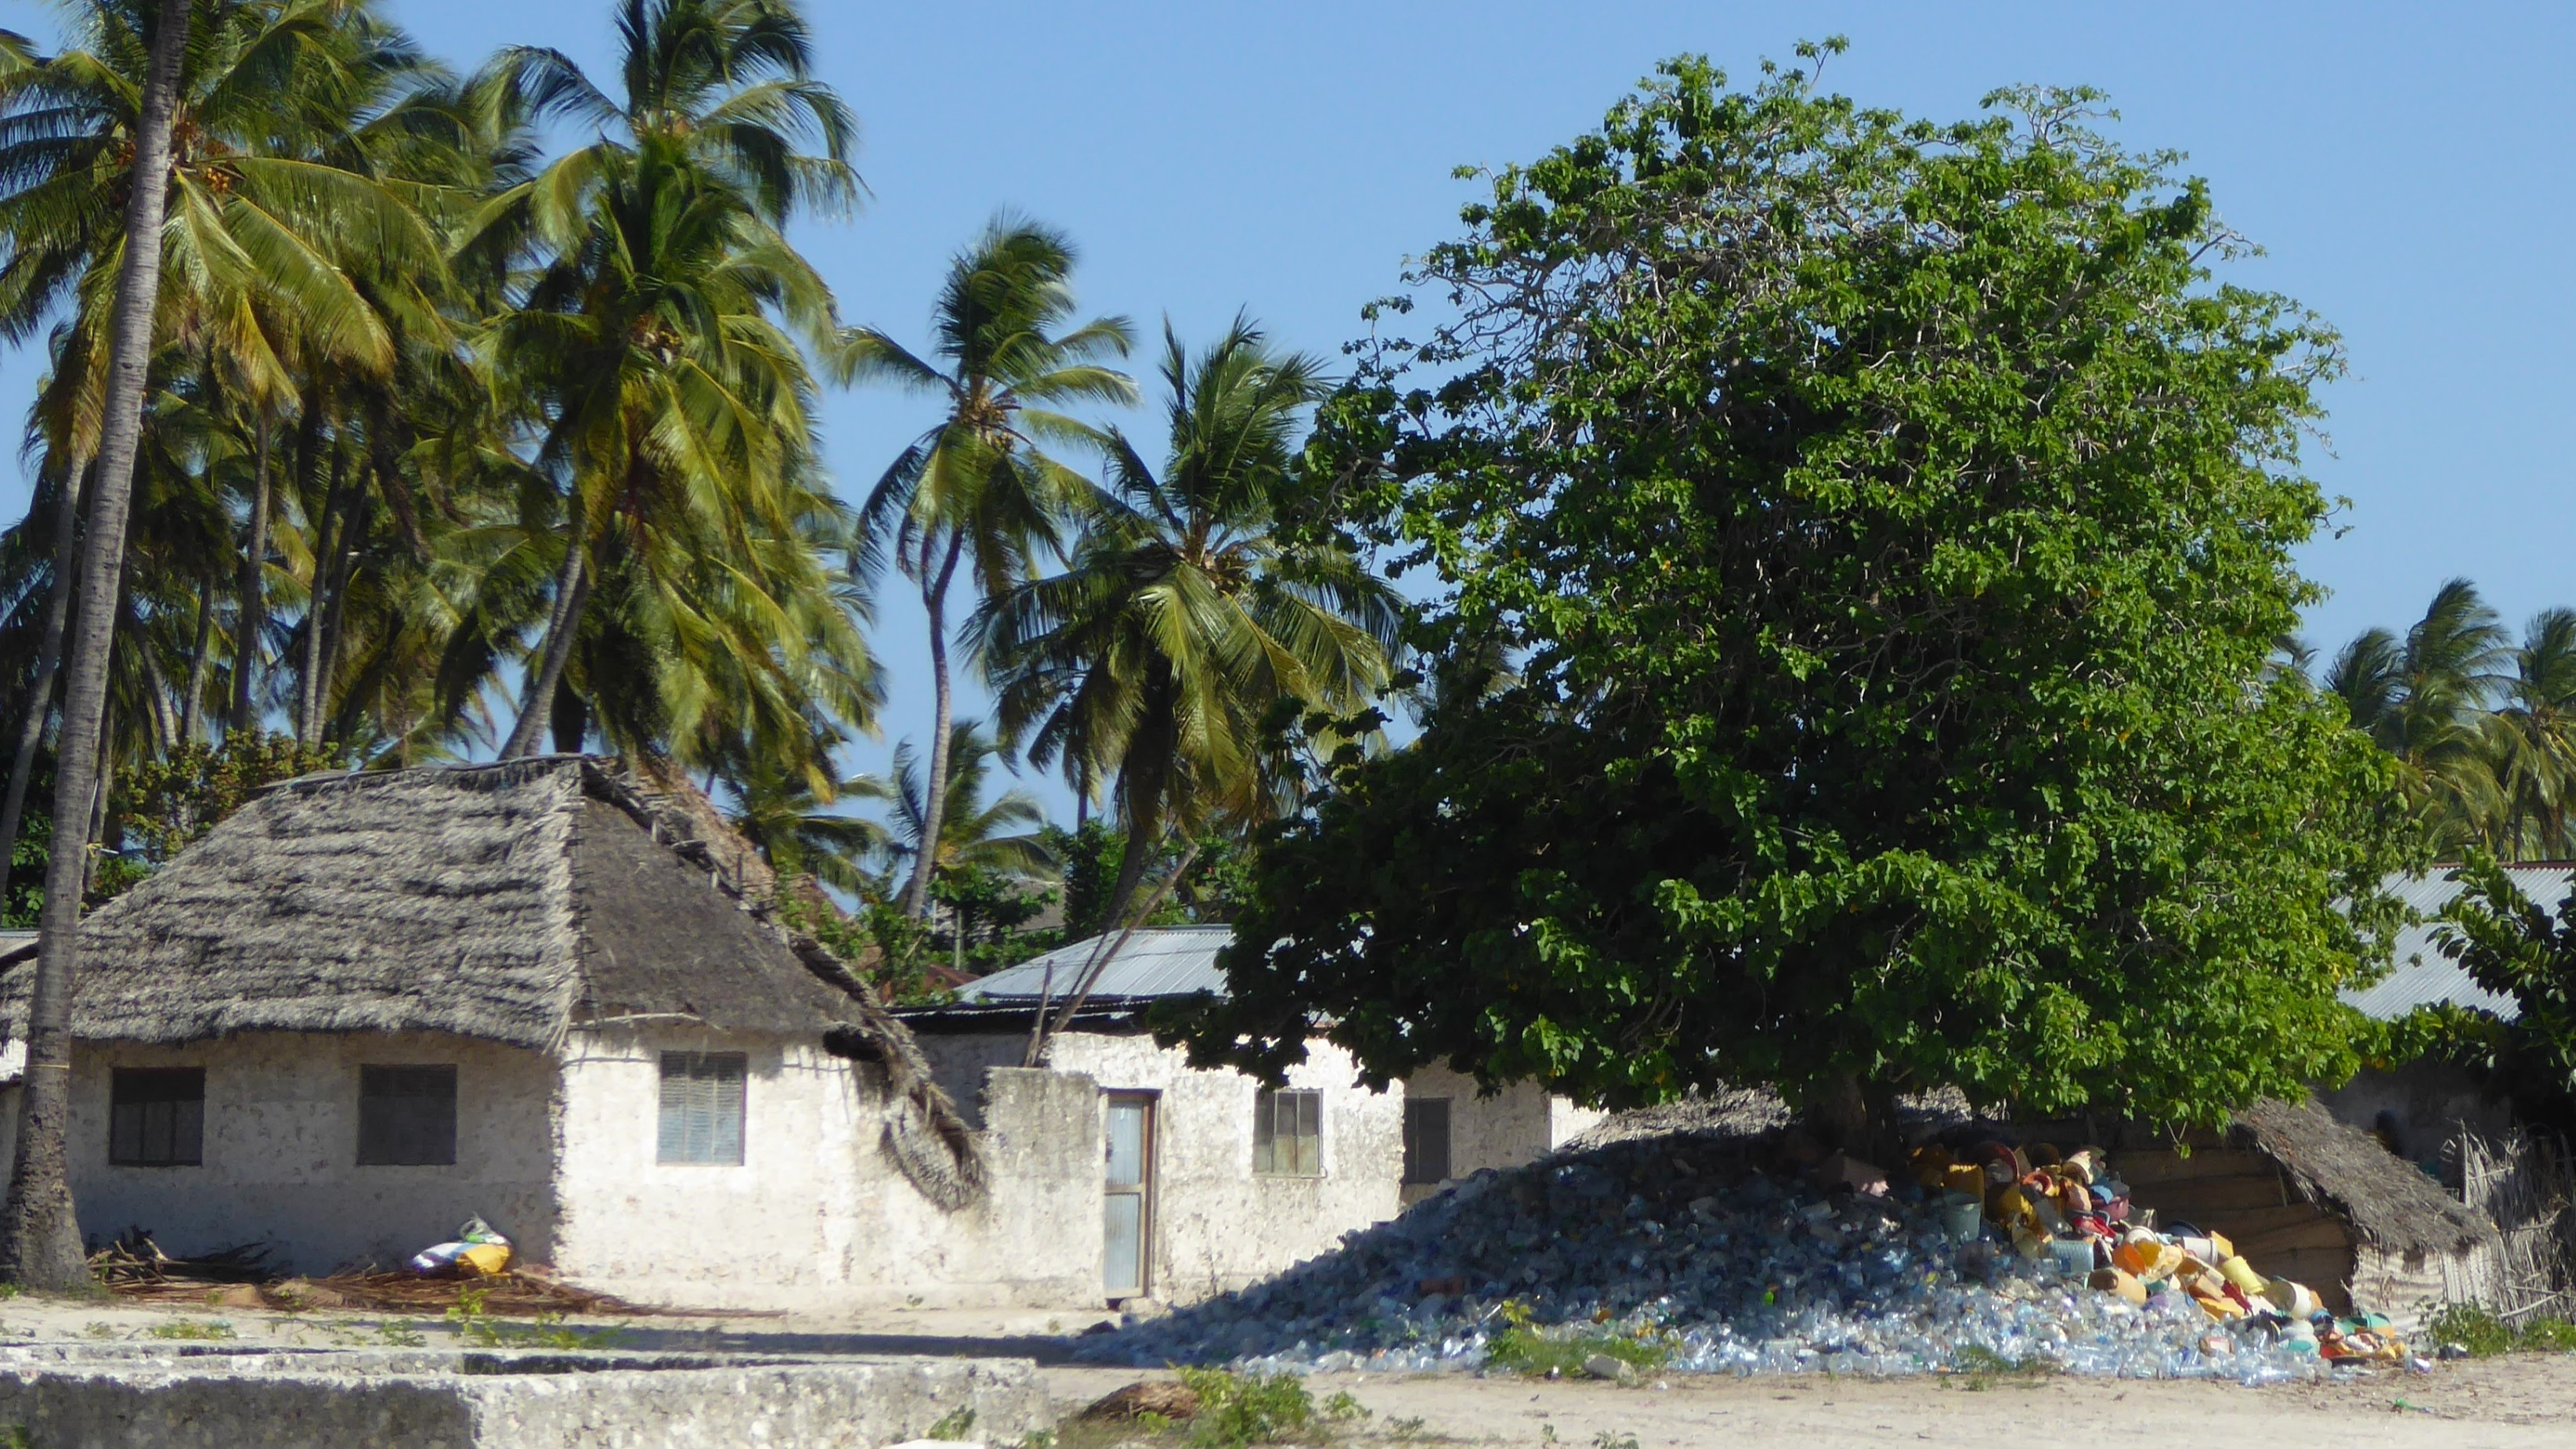 Flaschensammlung auf Sansibar.